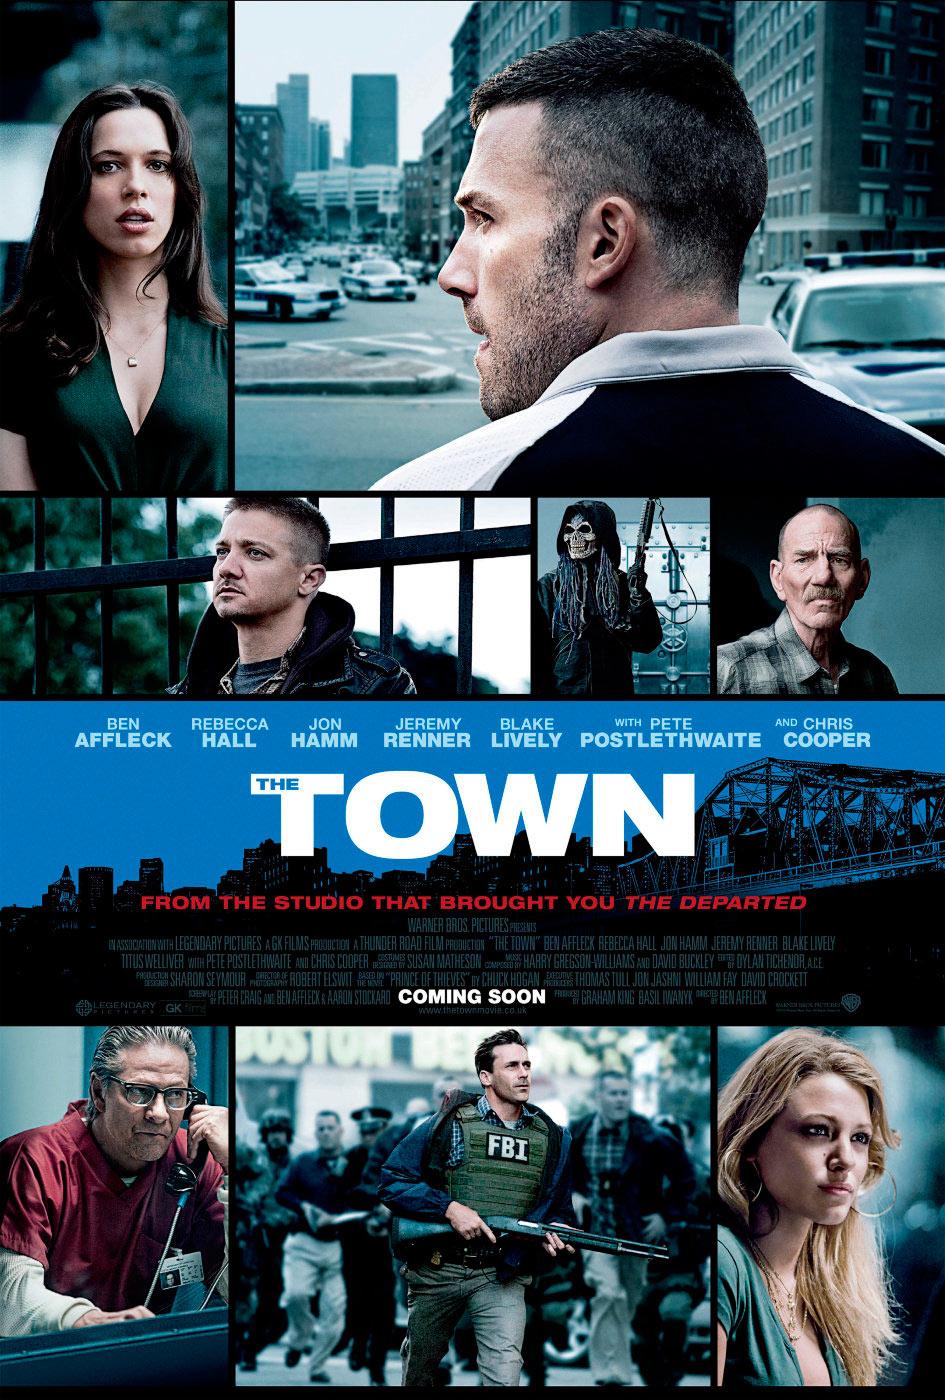 The town: ciudad de ladrones, de Ben Affleck